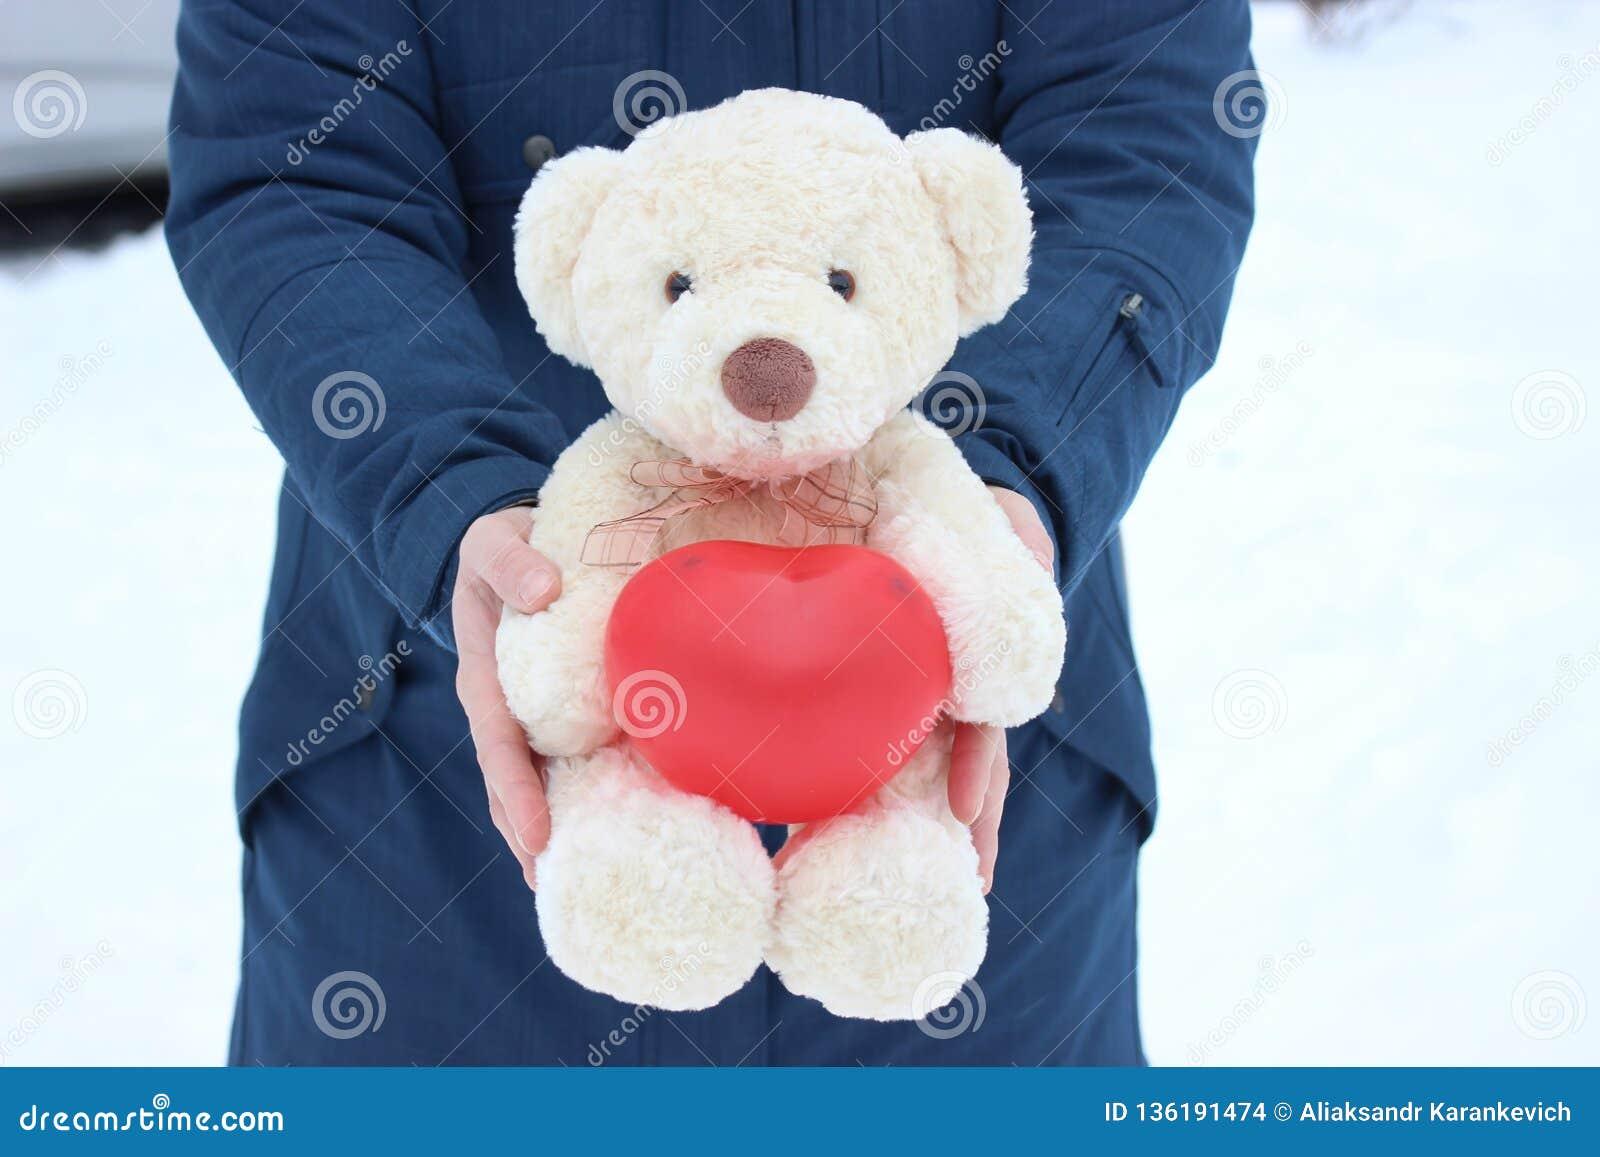 Fille Tenant Un Ours Blanc Avec Un Coeur Dans Des Ses Pattes